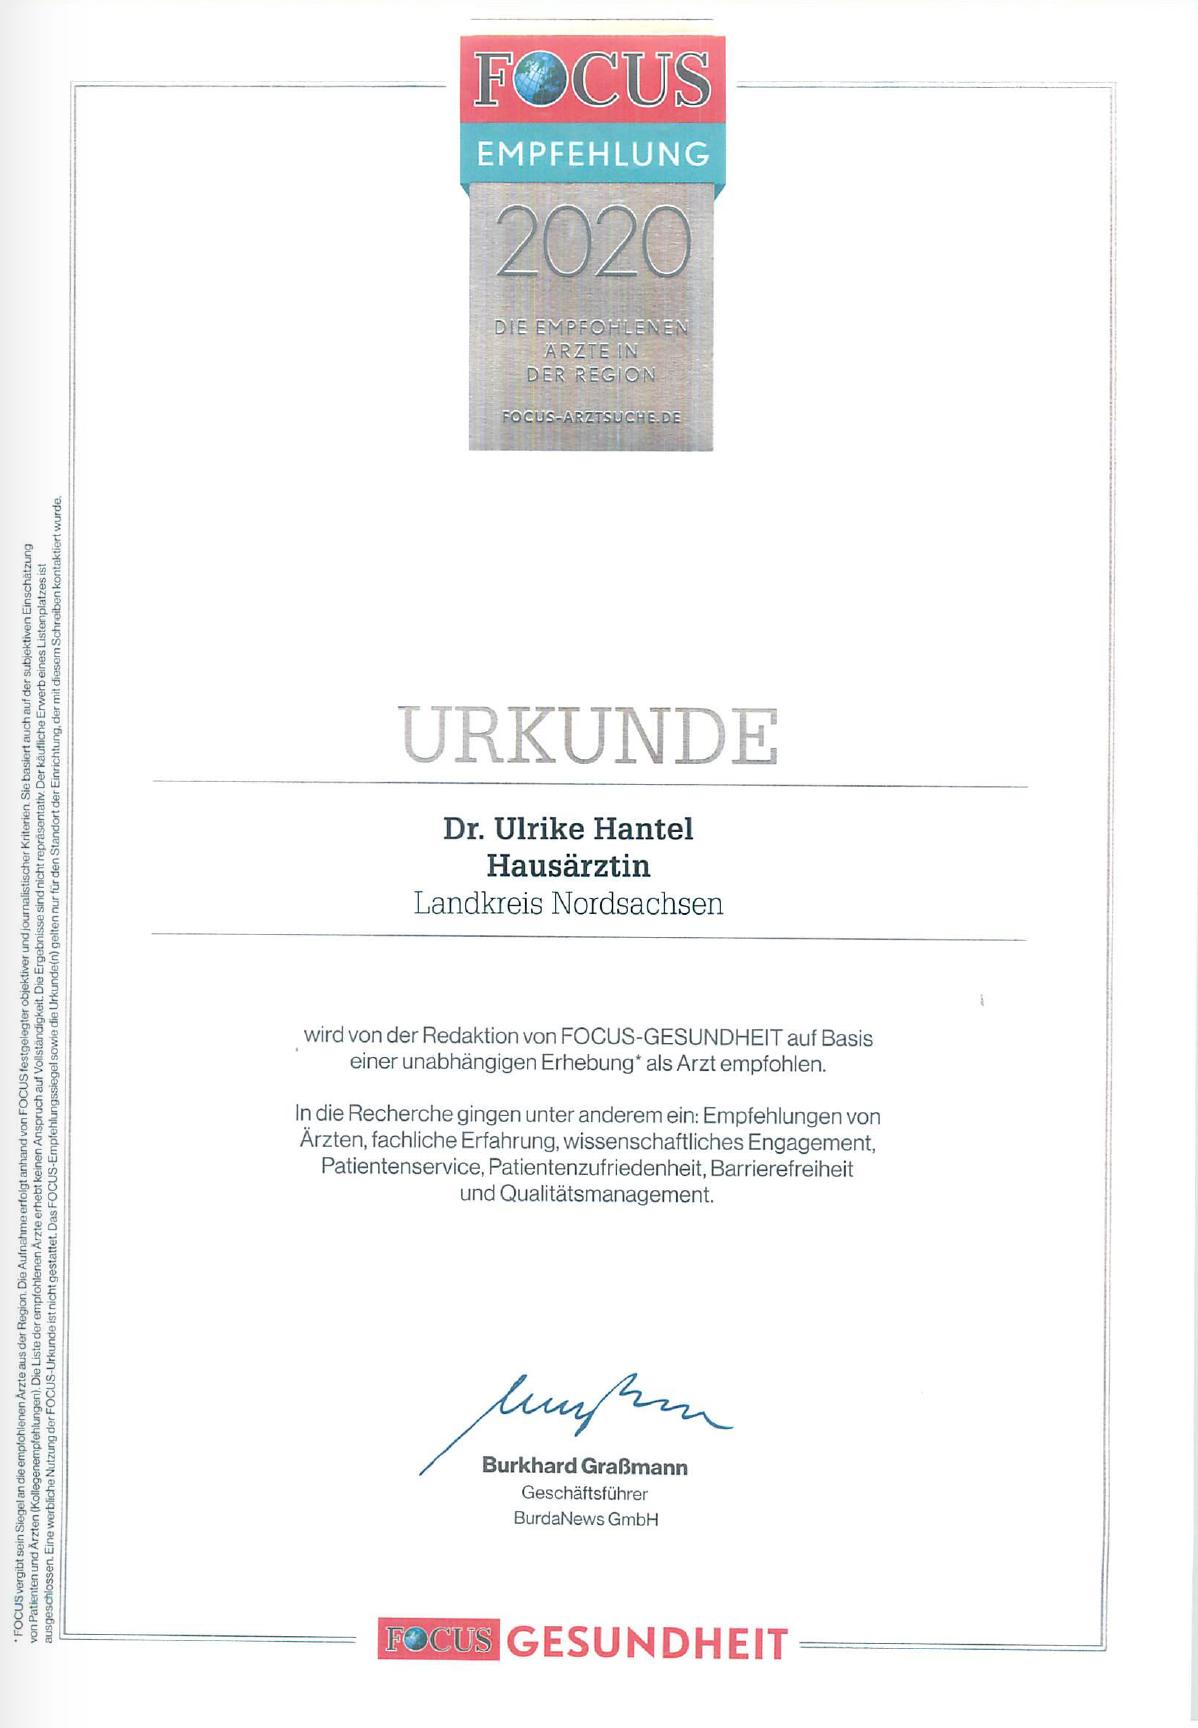 Dr. Hantel - Fachärztin für Innere Medizin und Diabetologie